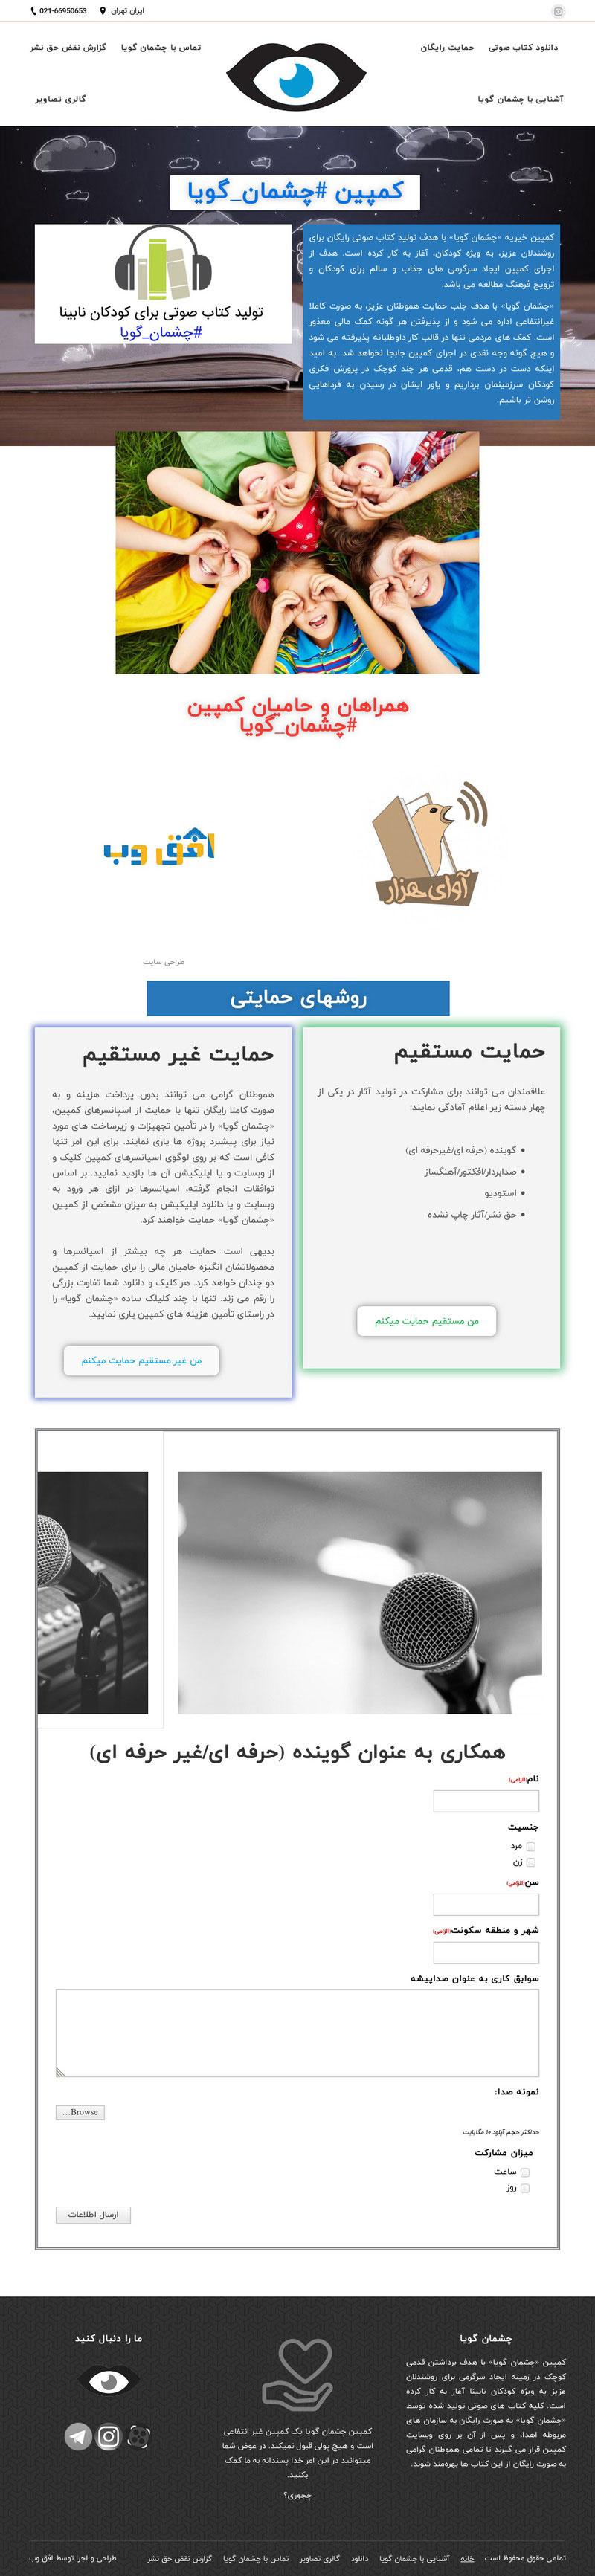 طراحی سایت رایگان برای خیریه